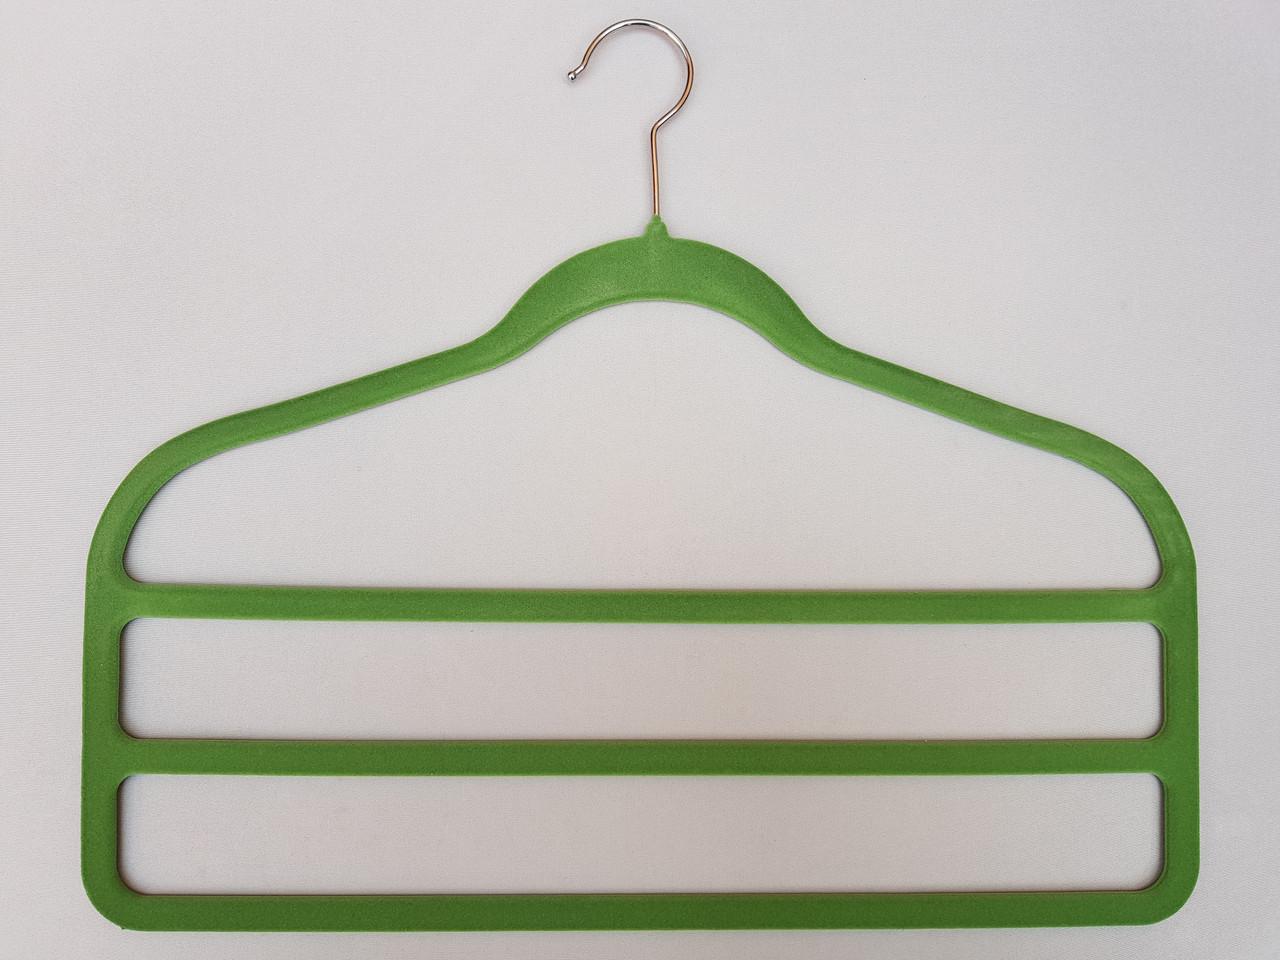 Плечики для брюк флокированныесалатавого цвета лестница 3-ехярусная, длина 45см